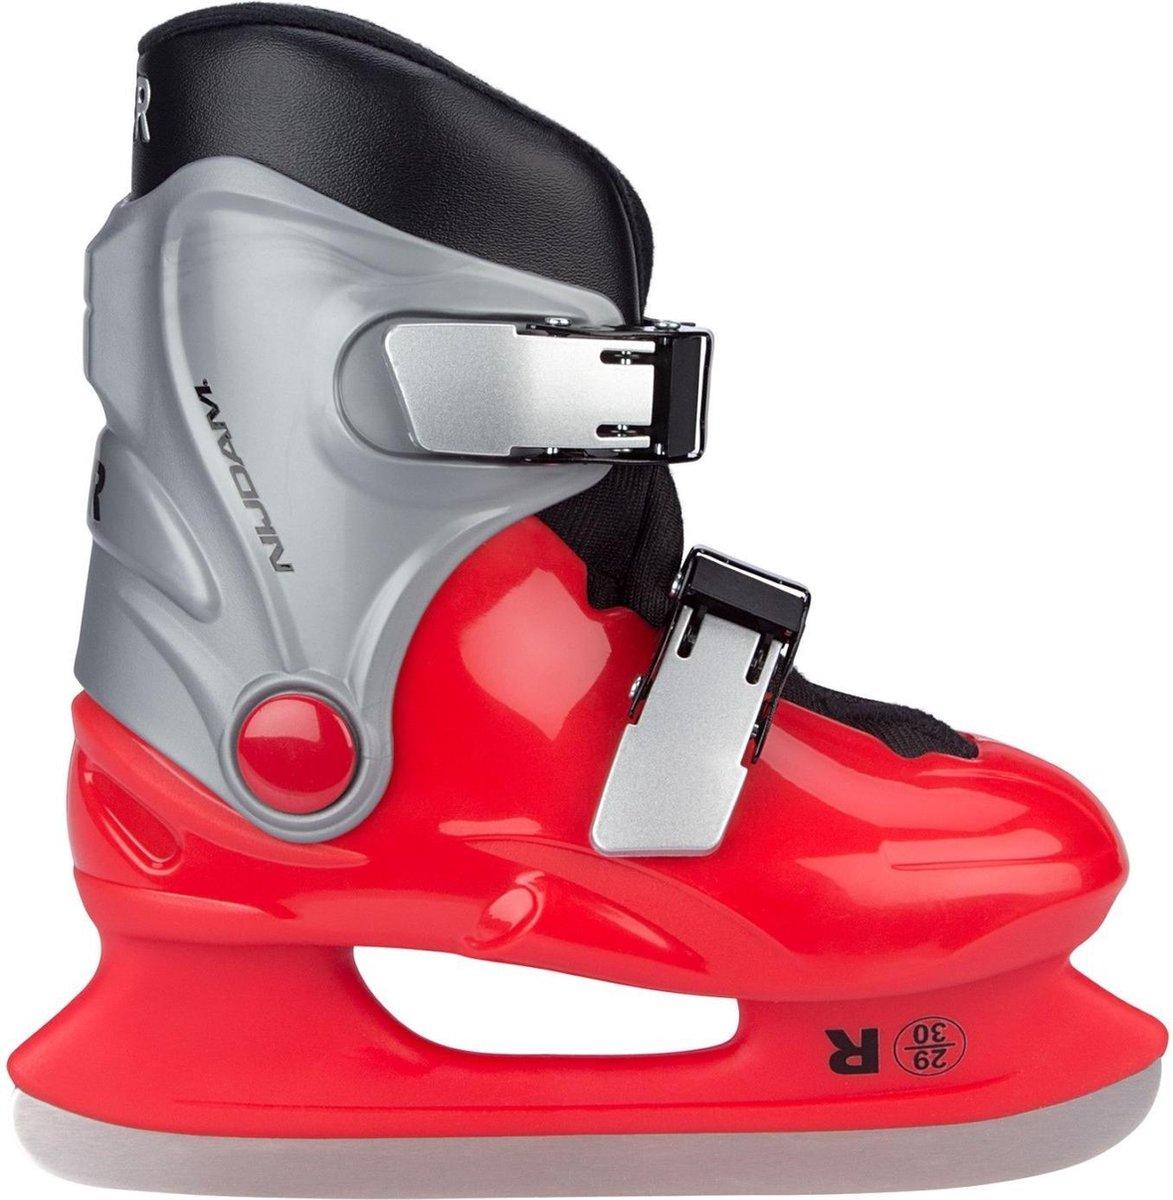 Nijdam Ijshockeyschaatsen Junior Maat 31-32 Rood/grijs